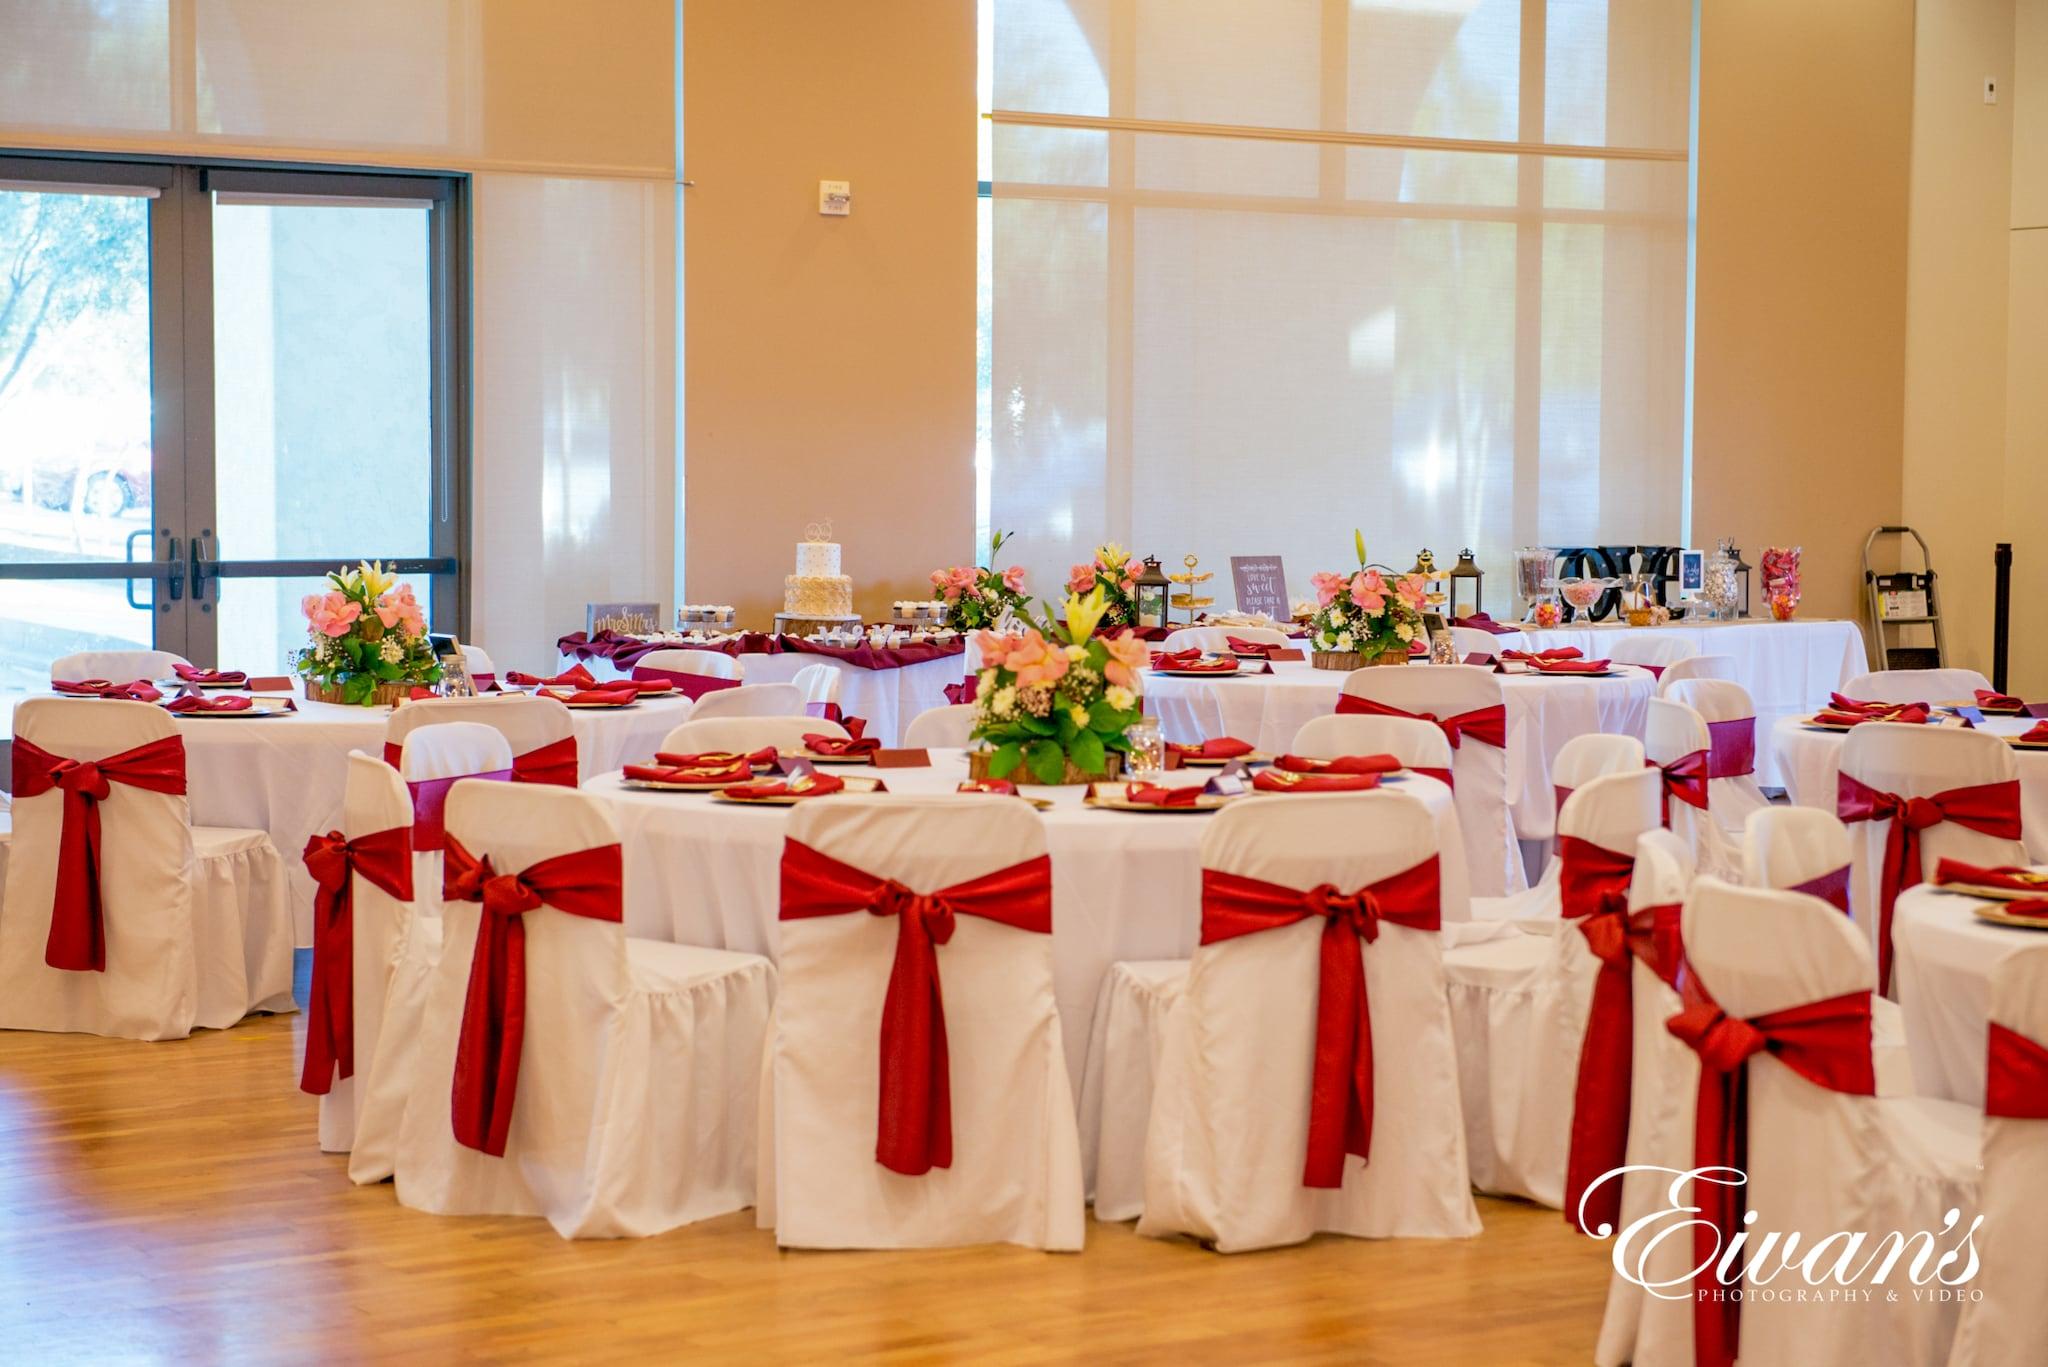 image of a reception venue